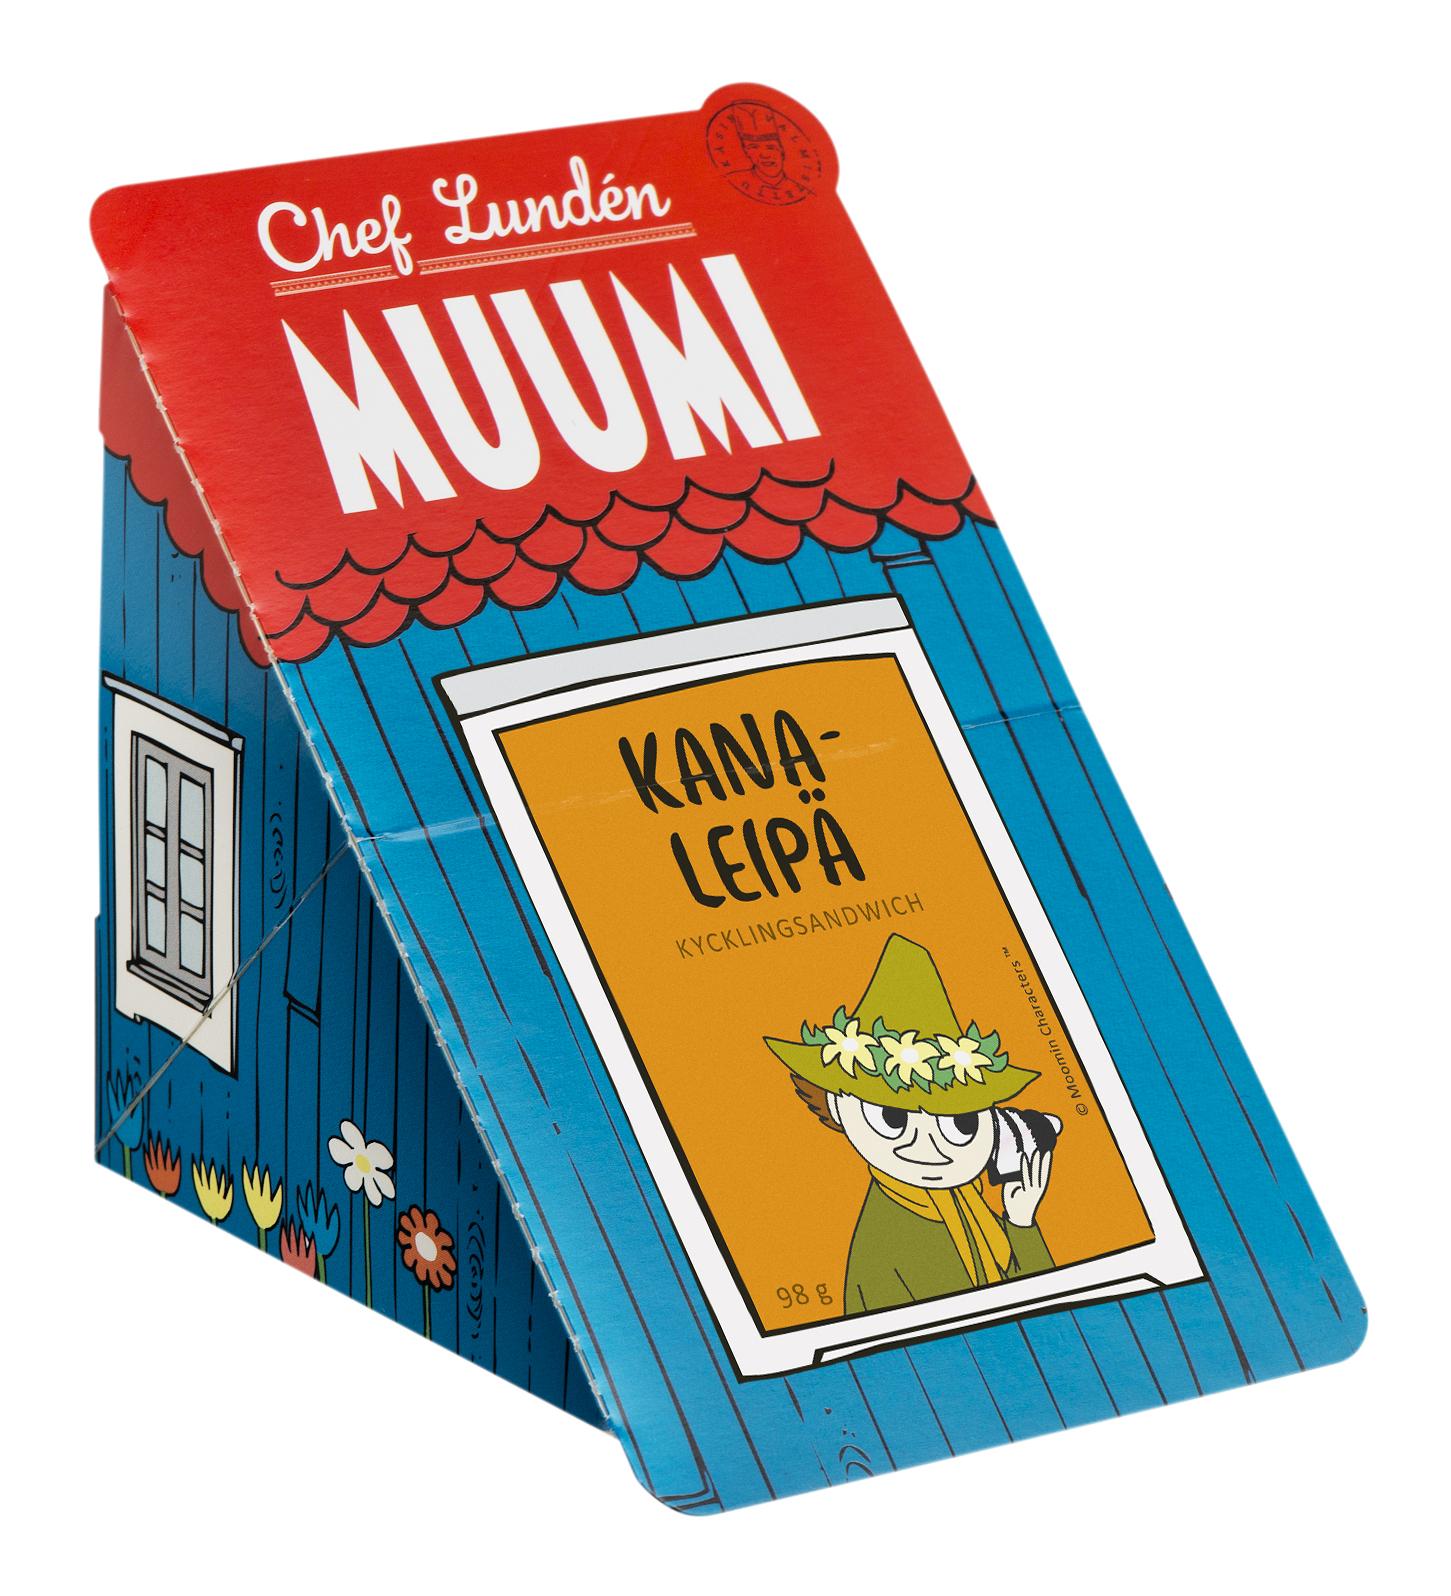 Chef Lundén Muumi Chicken Sandwich 98 g